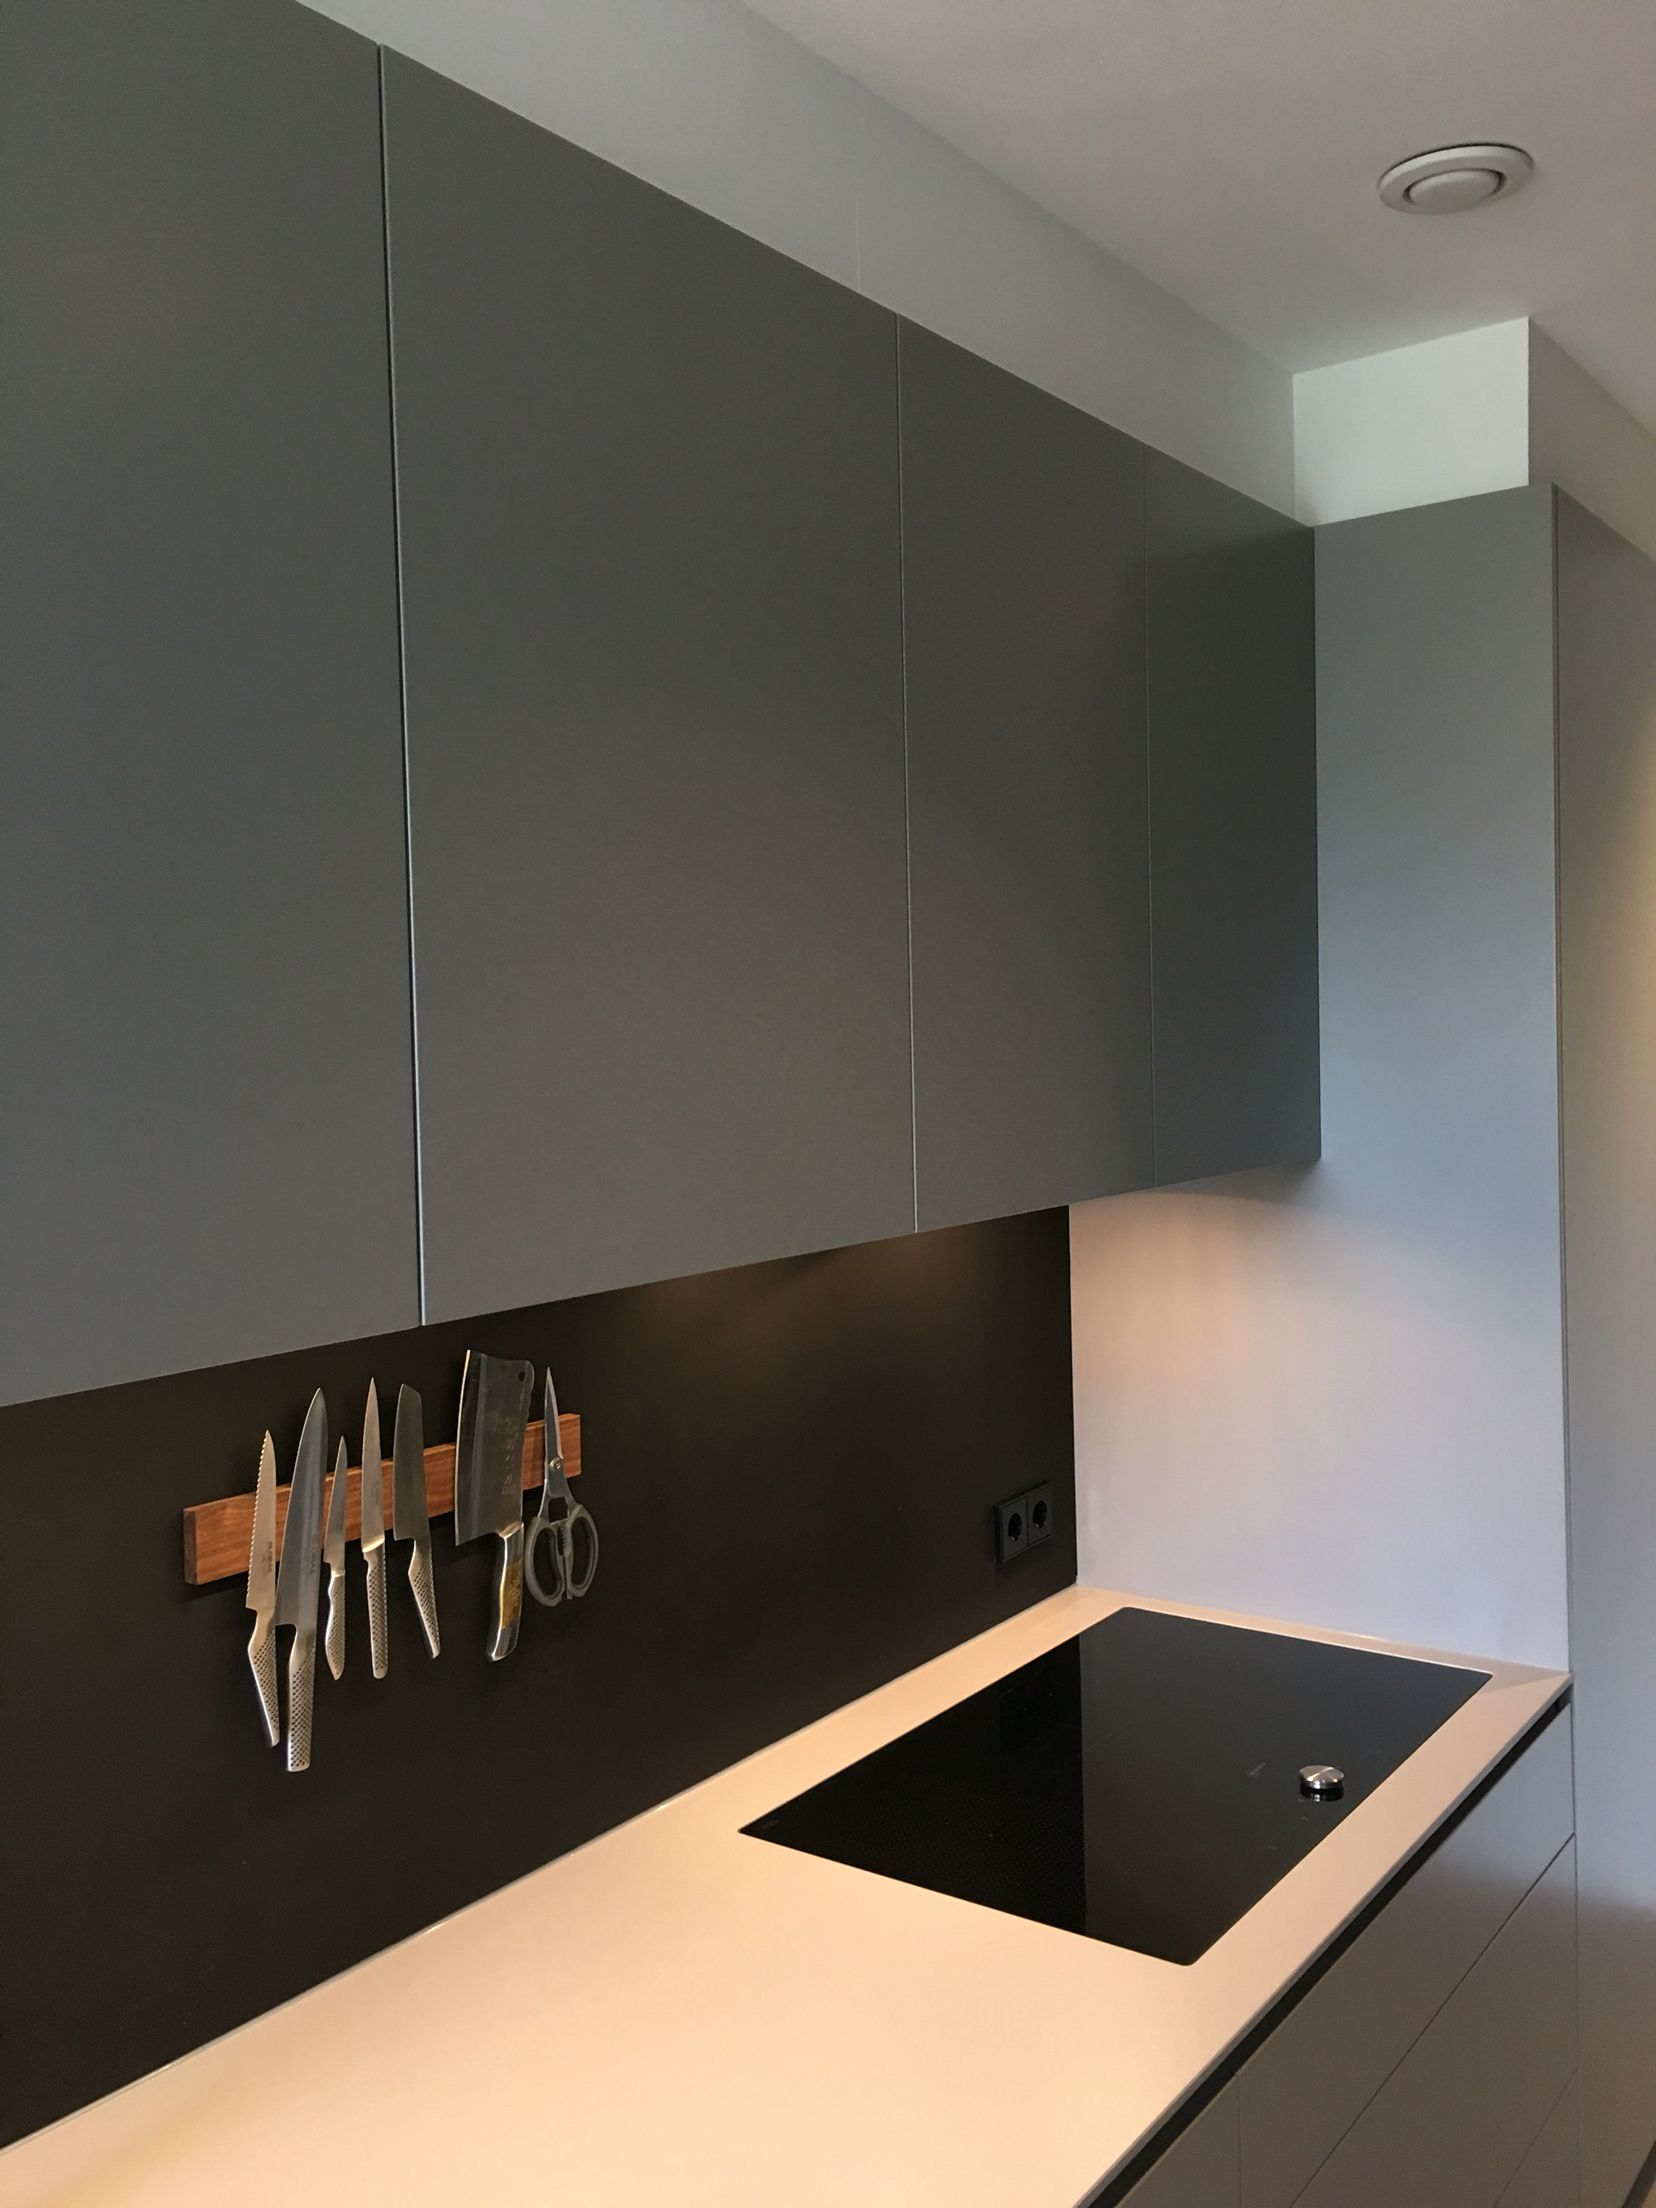 Kitchen Cabinets No Handles Eginstill Minimalist Furniture Kitchen Cabinet Handles Home N Decor